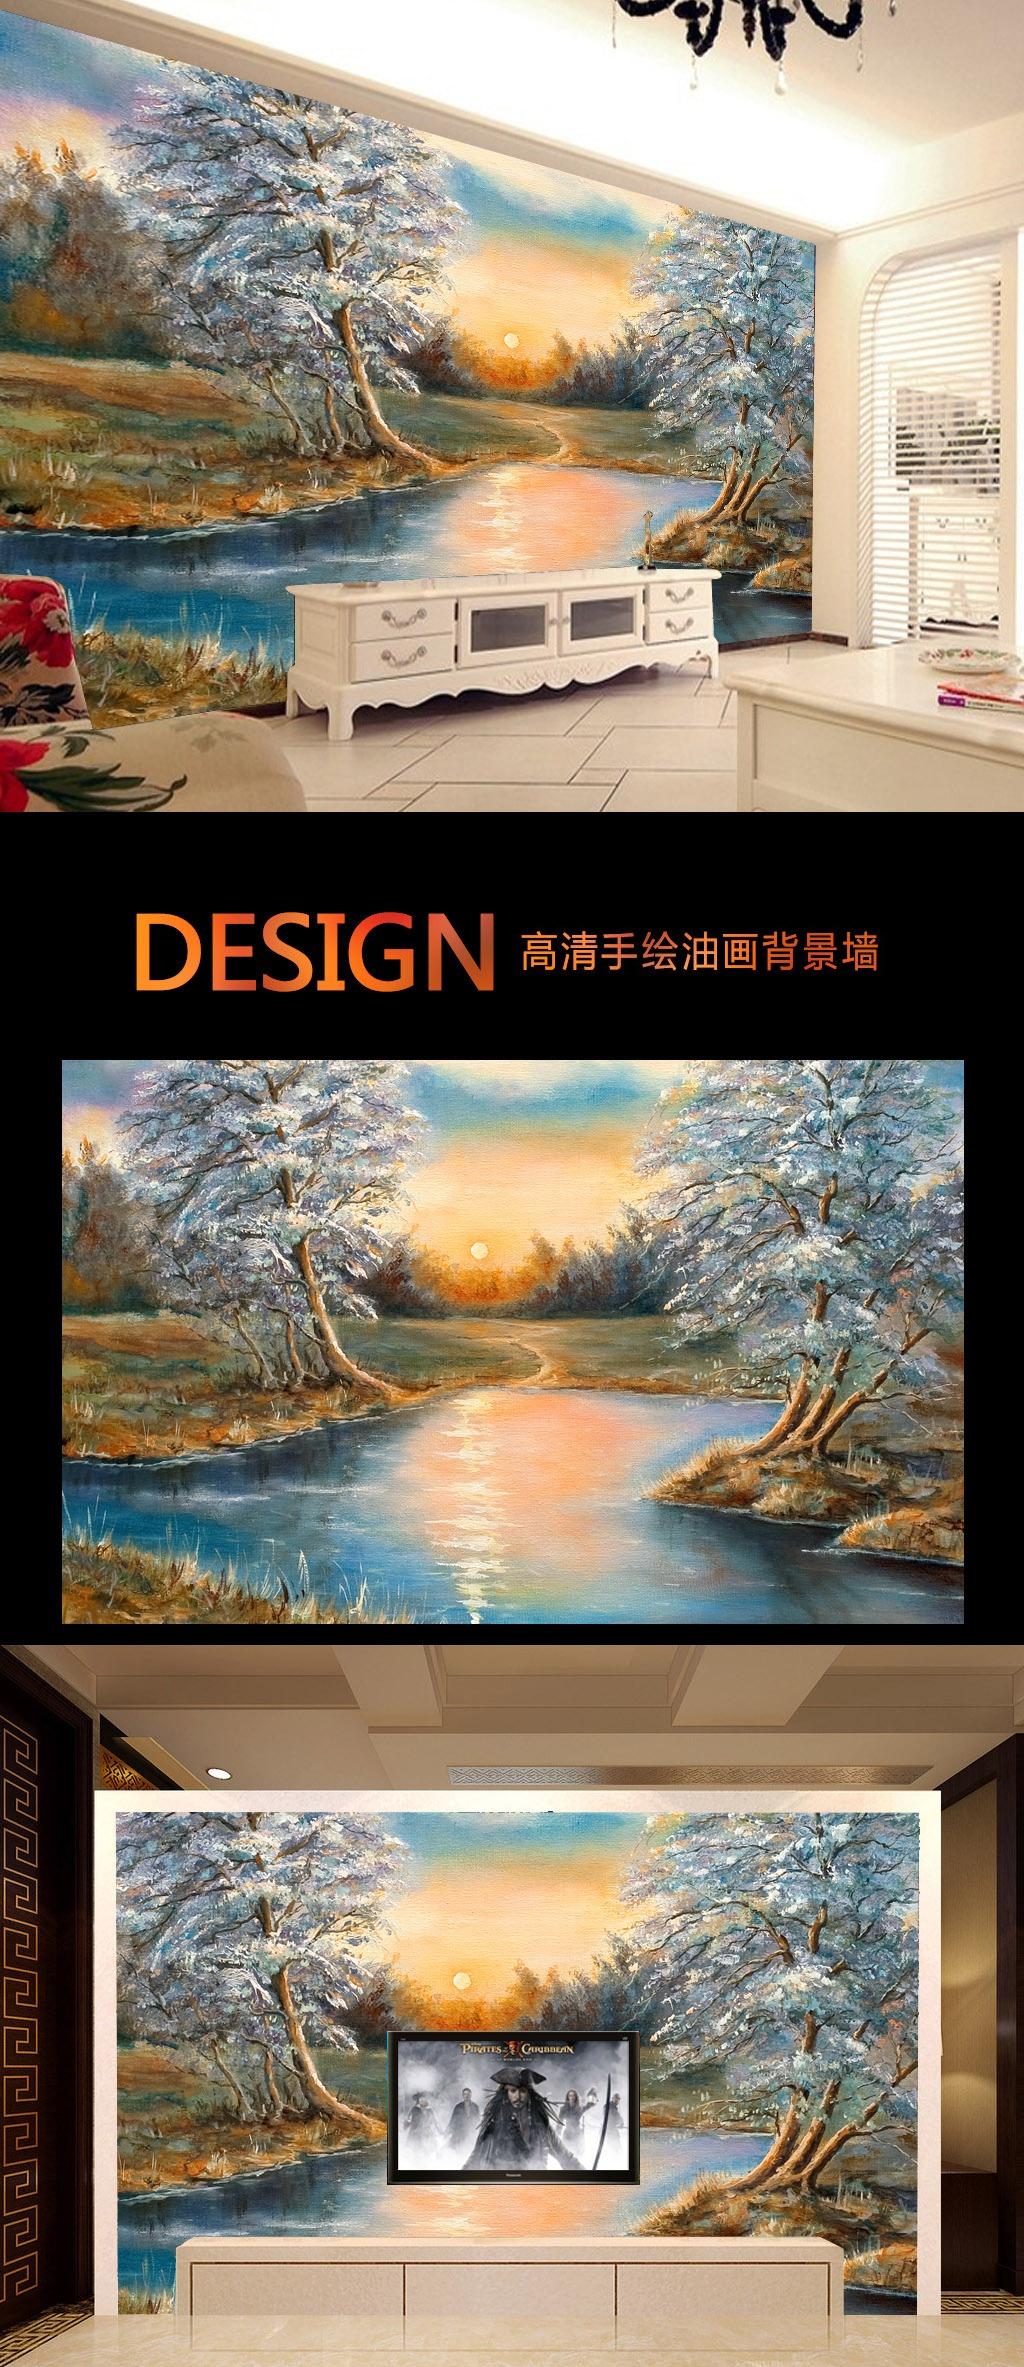 浪漫河边树木风景油画壁画客厅背景墙